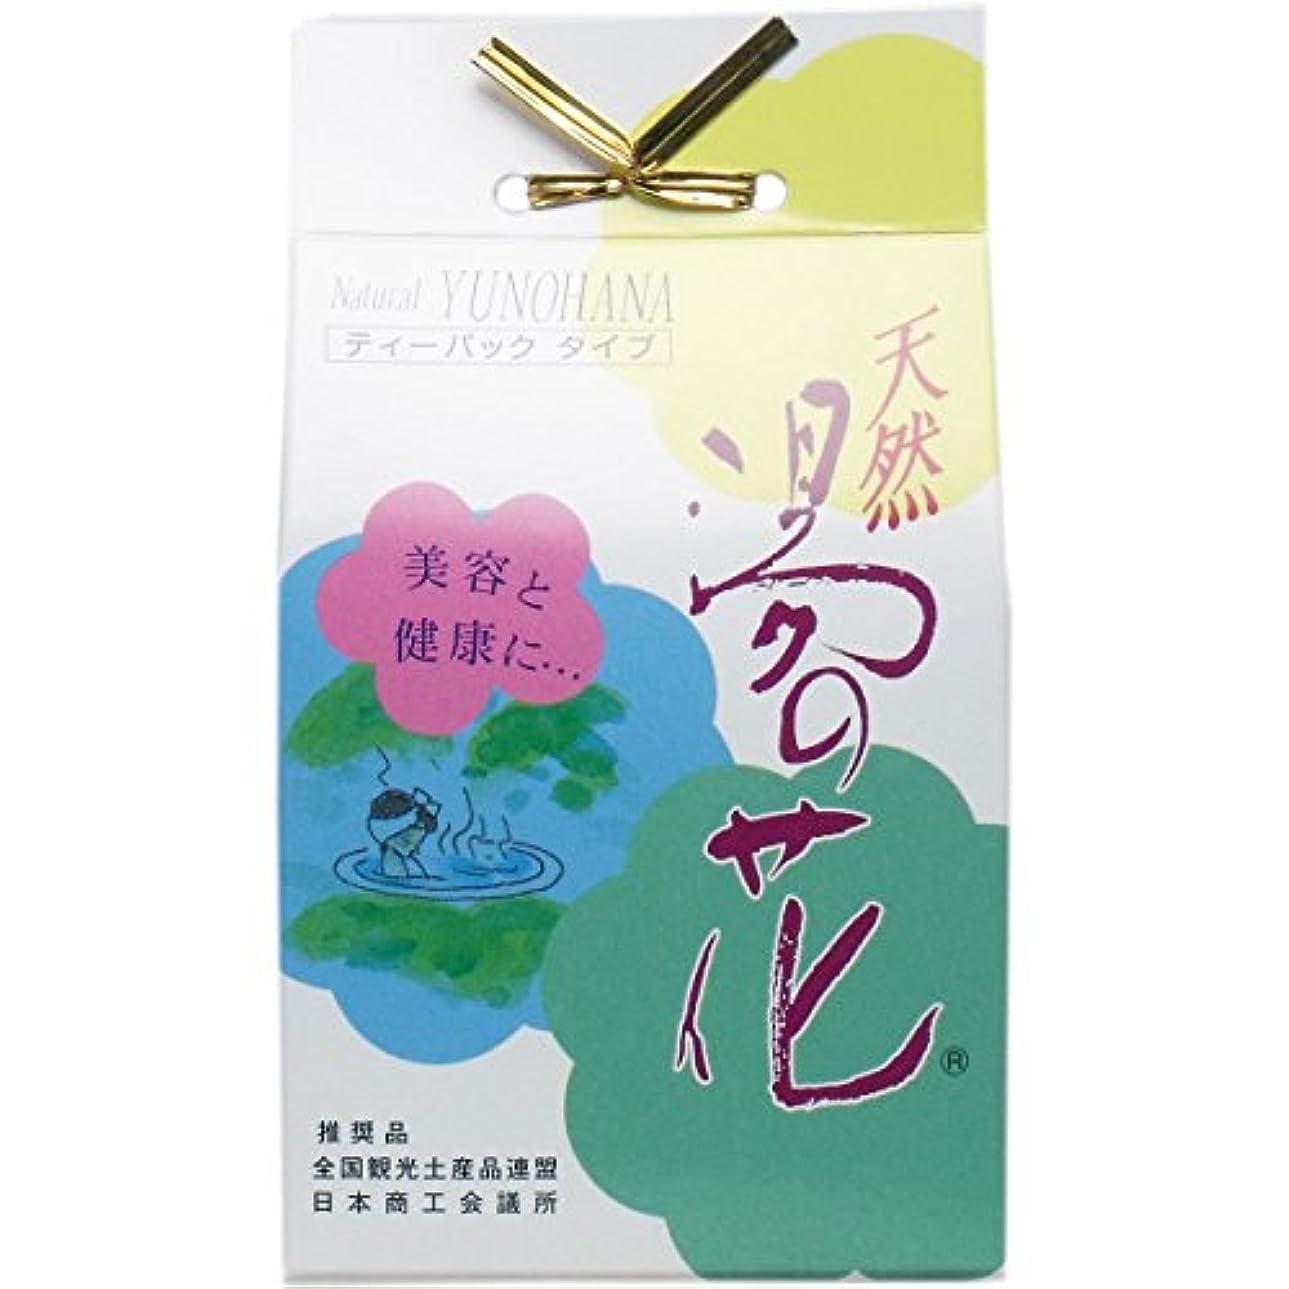 祭りギャングセールスマン天然湯の花 KTS (15g × 3包)